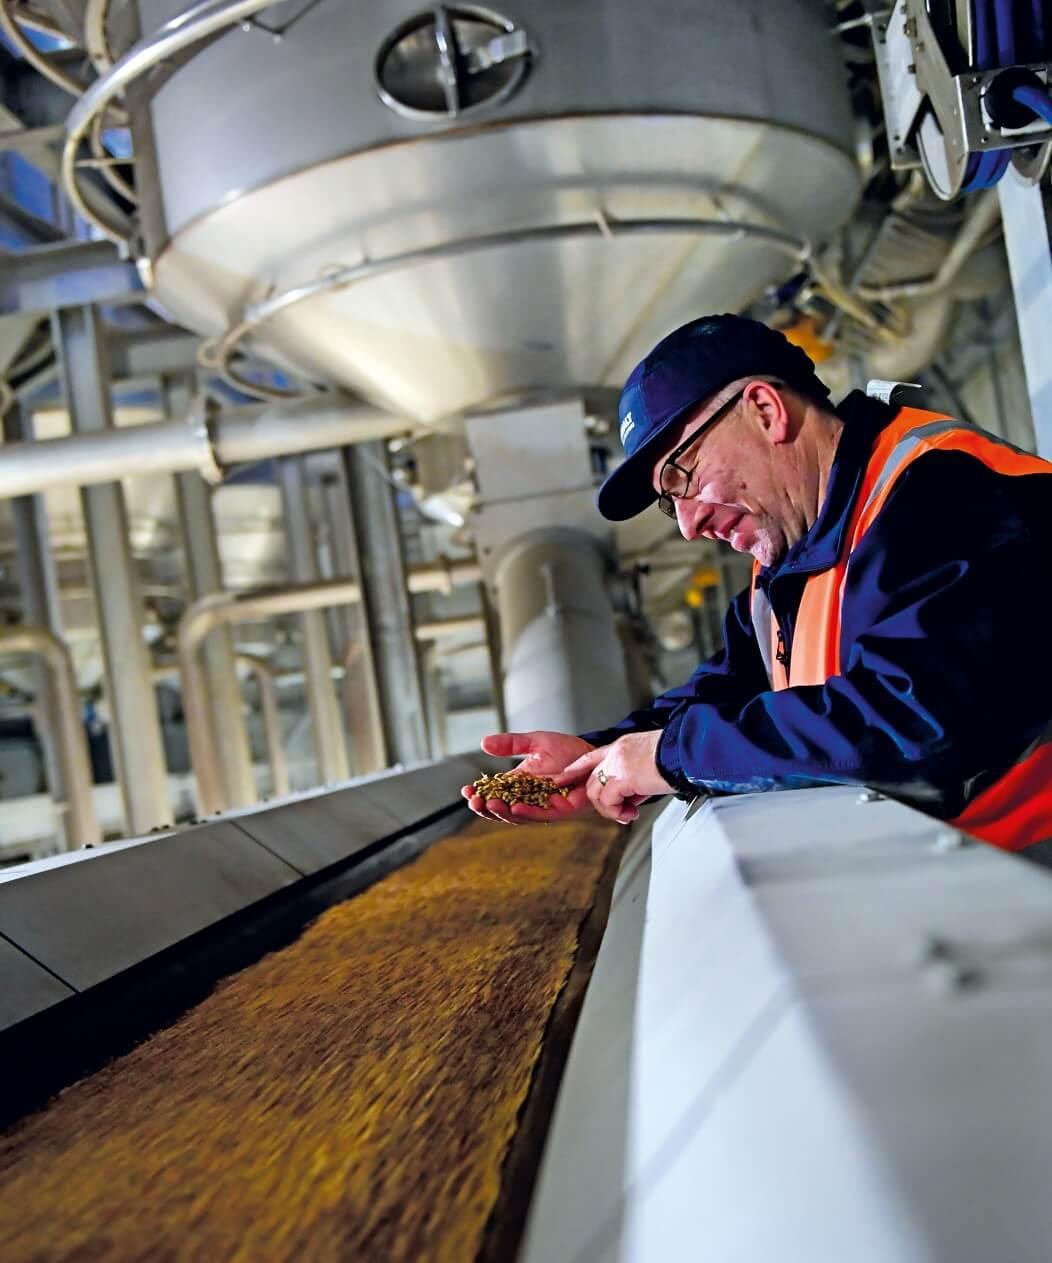 Boortmalt has taken an industry-leading position on sustainable malting